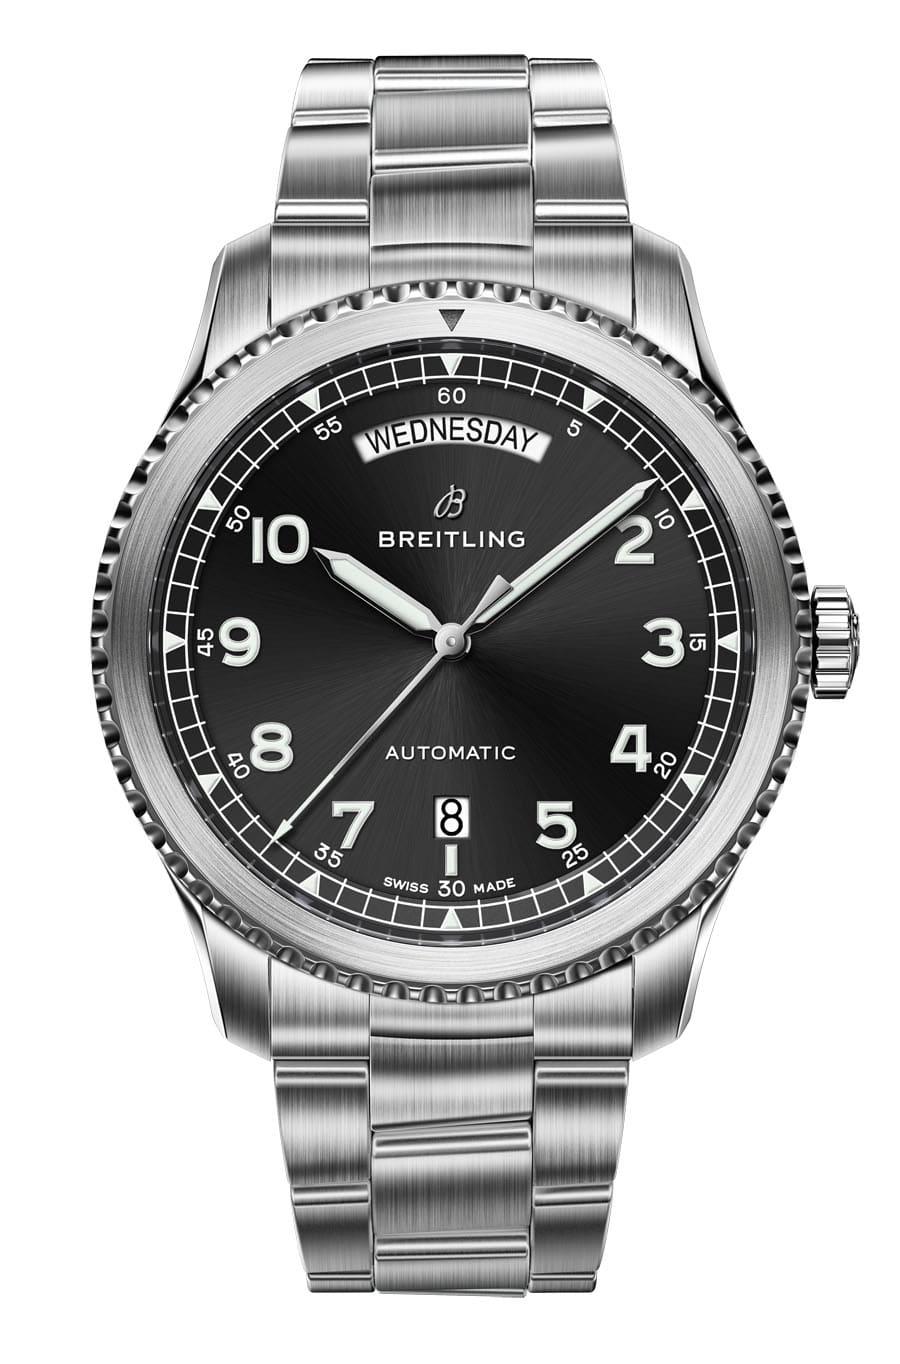 Breitling Navitimer 8 Day & Date mit schwarzem Zifferblatt und Stahlband